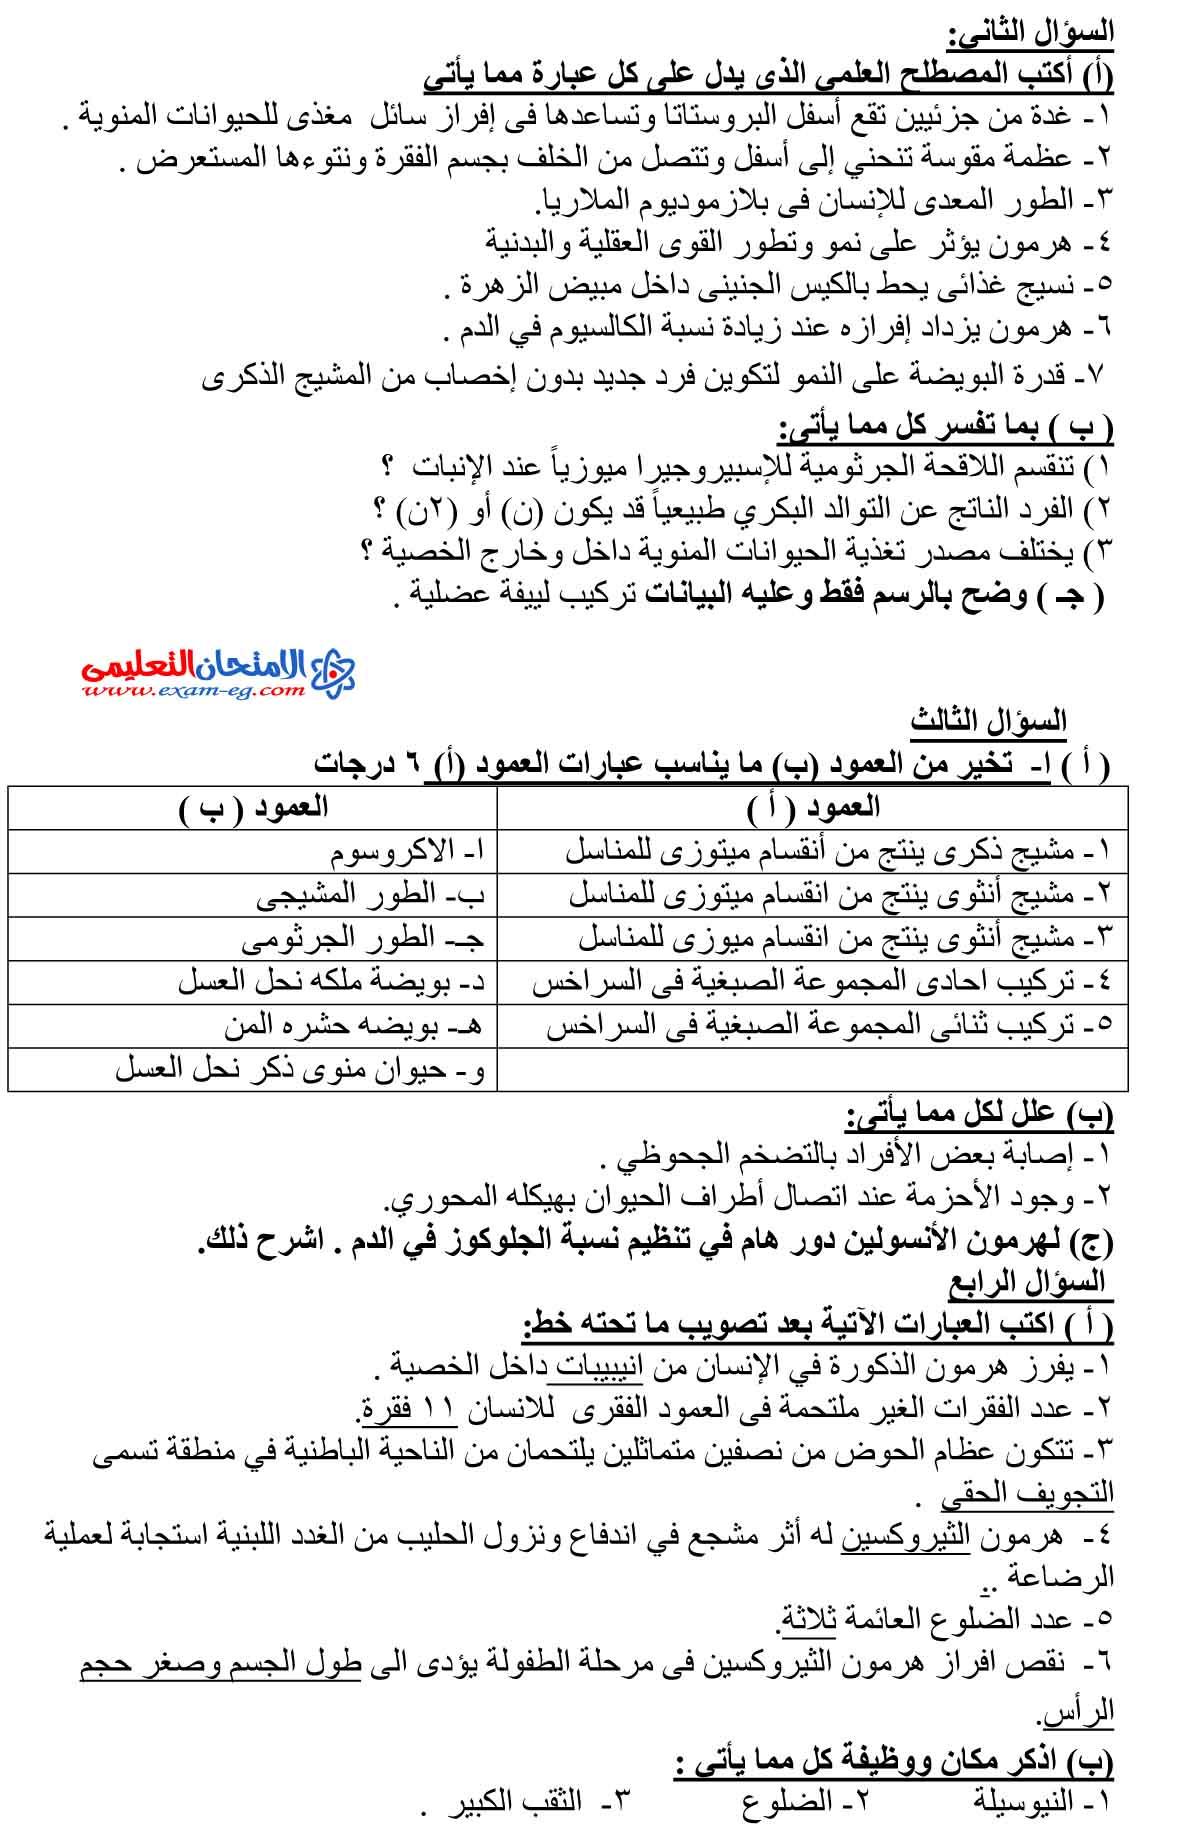 امتحان الاحياء 5 - الامتحان التعليمى-2